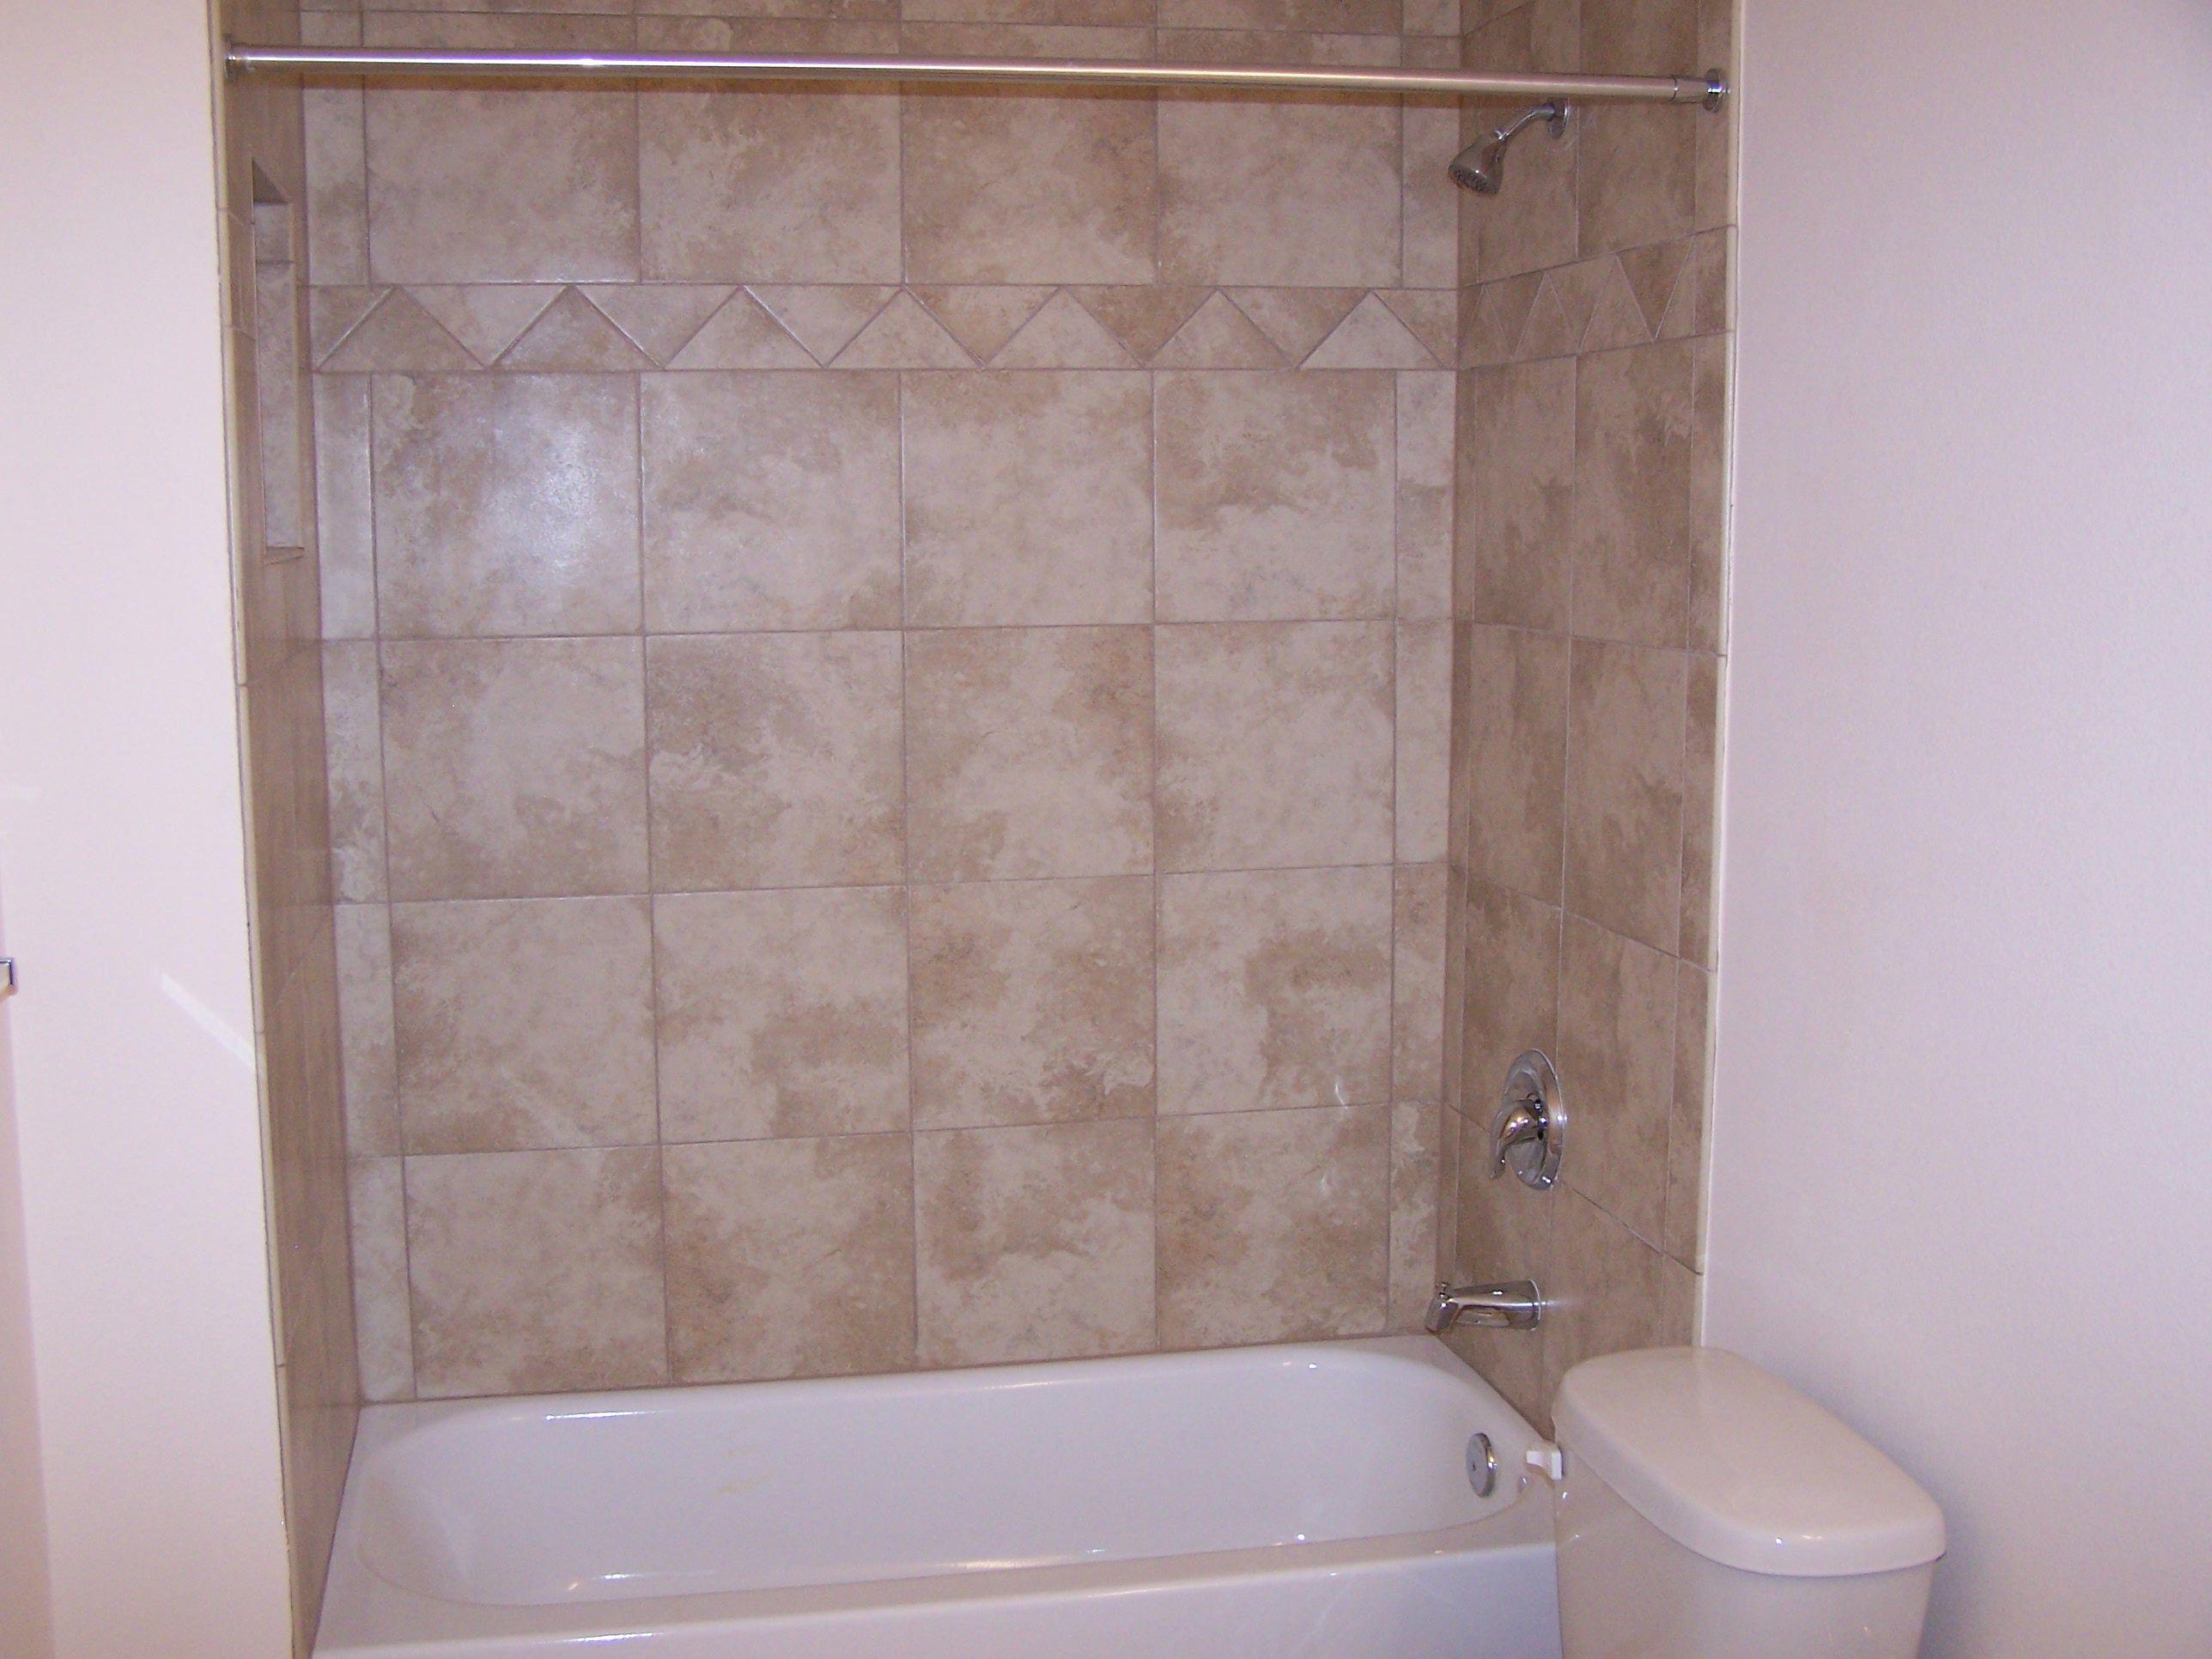 Ceramic Bathroom Tile12x12 Tile  My House Ideas